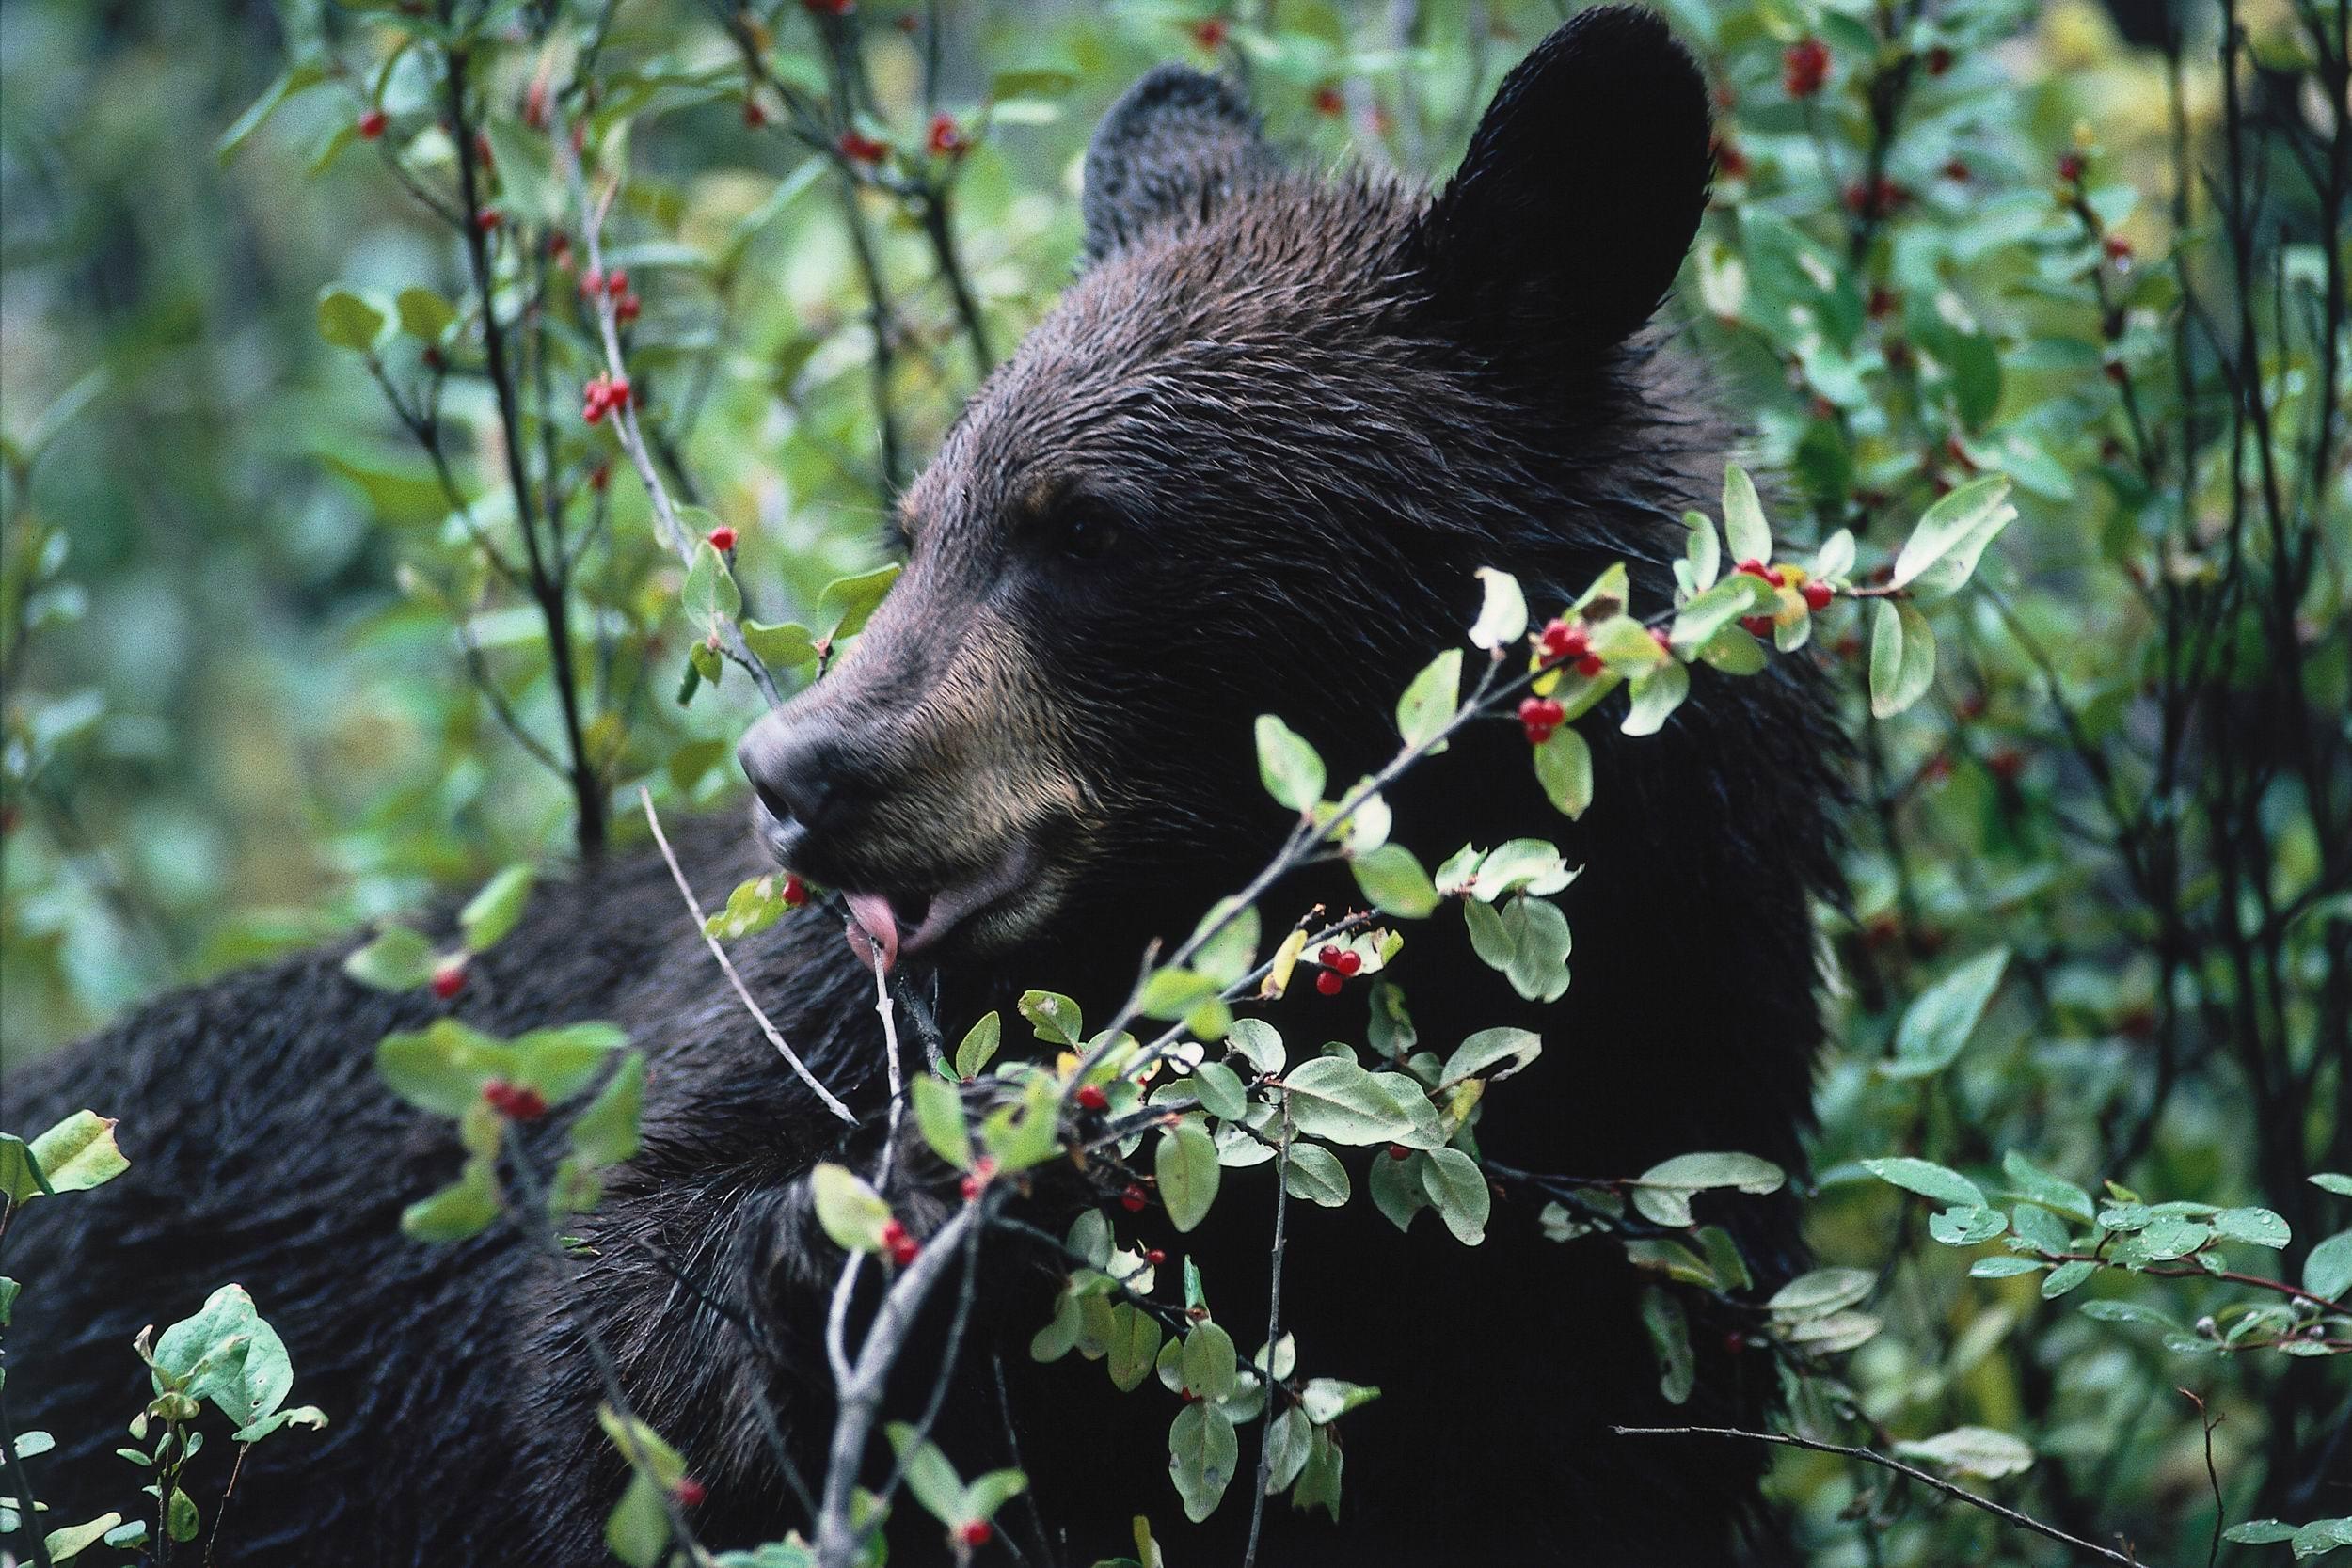 Black bear eating berries